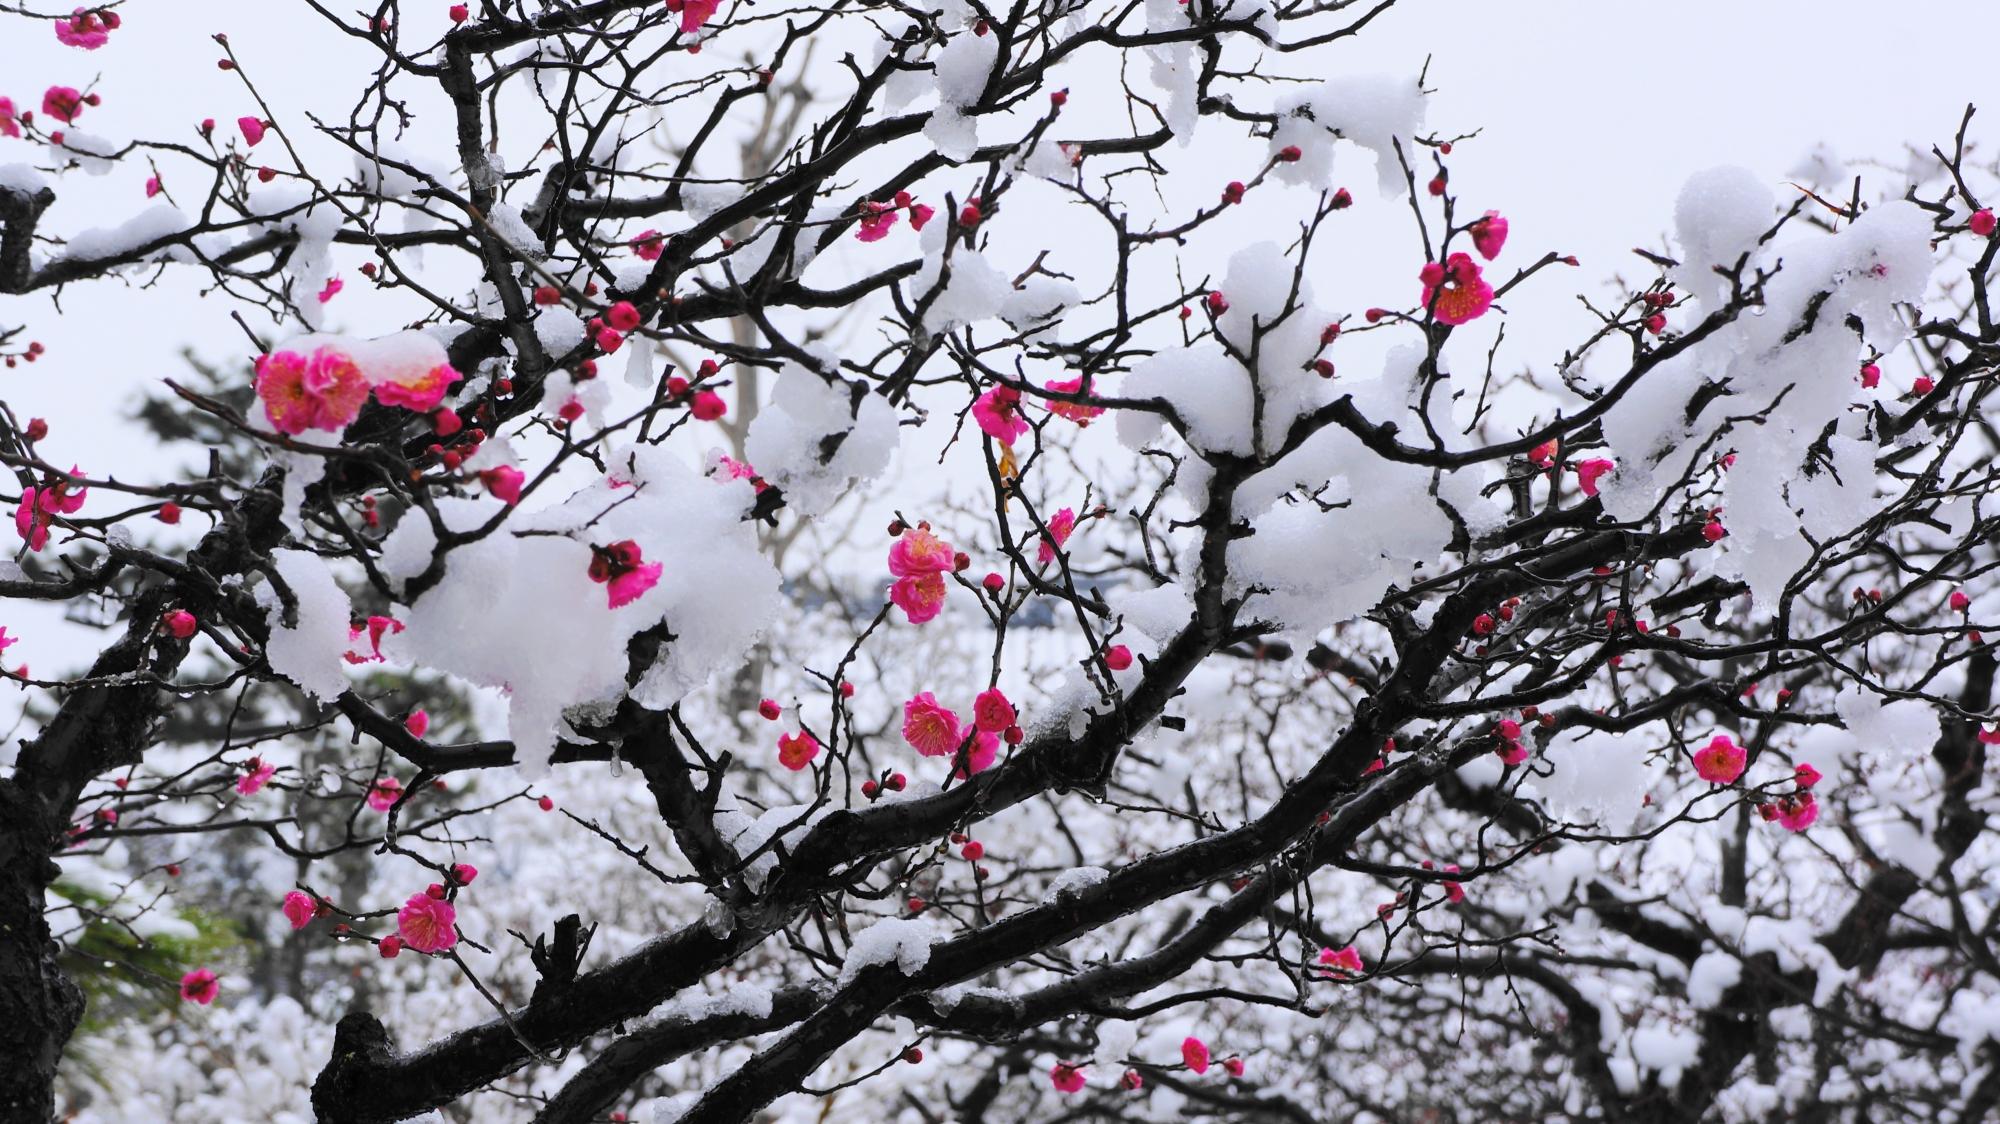 梅の木の枝と花に雪が積もった智積院